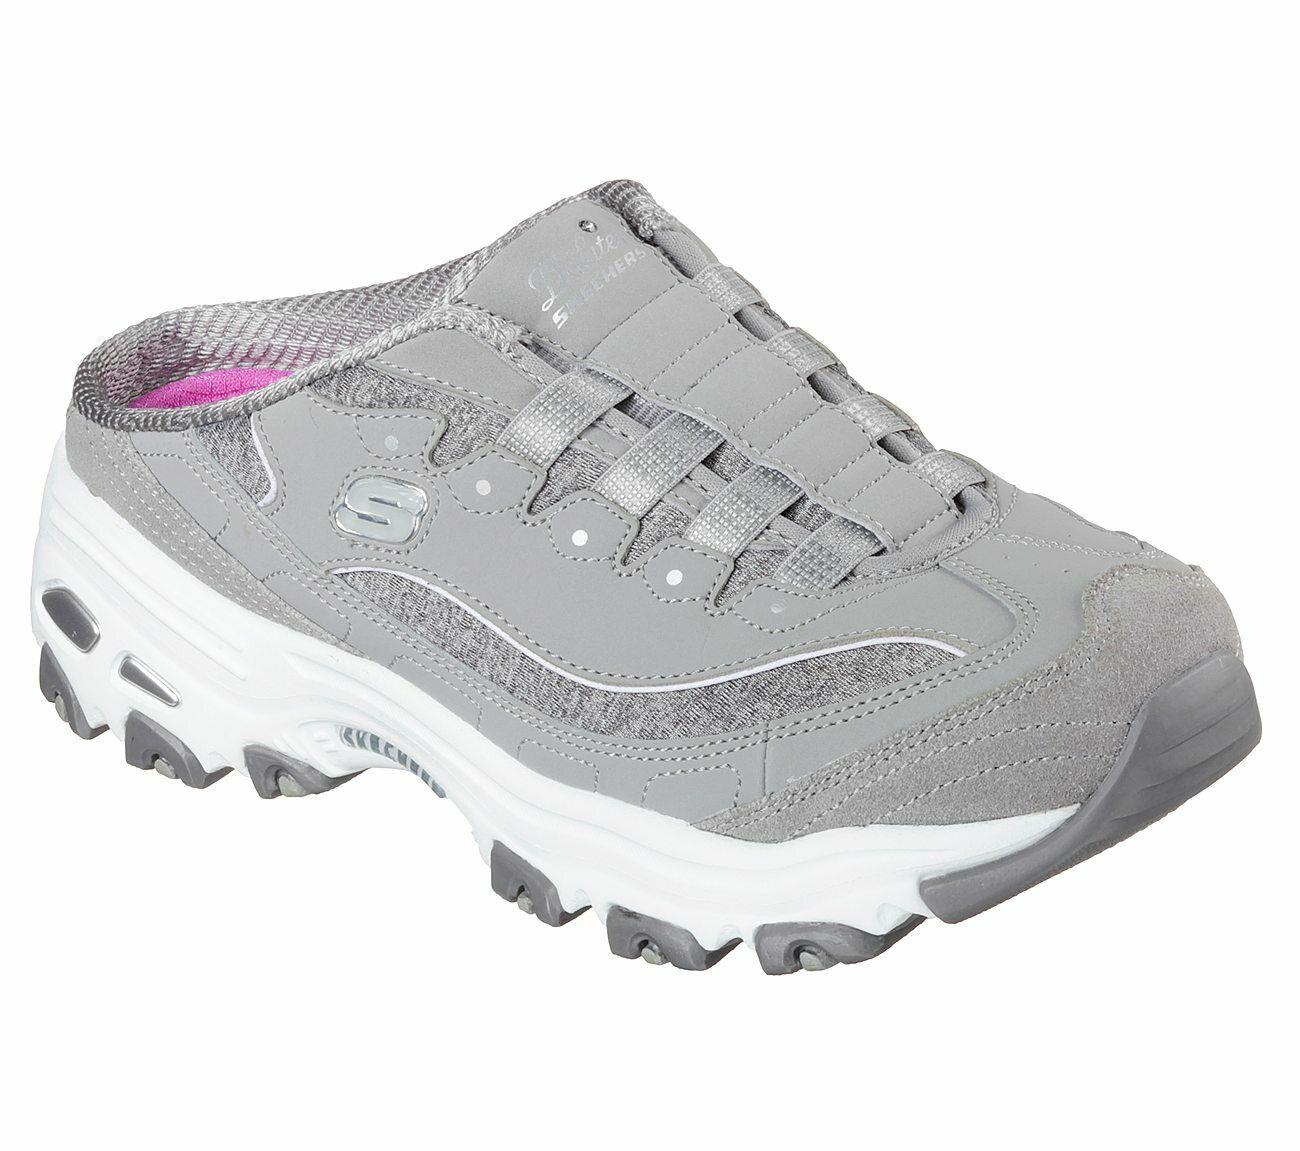 NEU Skechers Damenschuhe Schuhe Sabot D´Lites RESILIENT Turnschuhe Clogs Pantolette